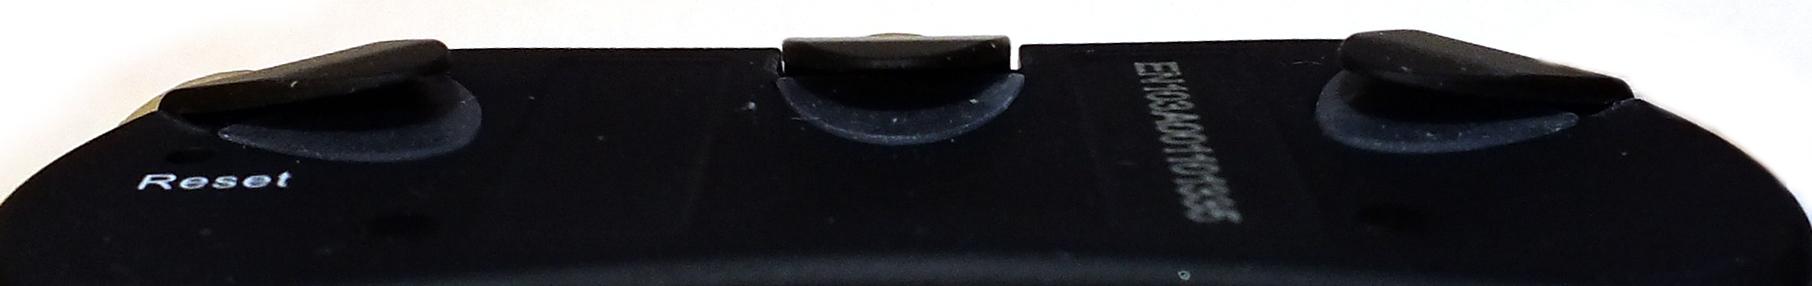 Умная ручка Equil Smartpen 2 перенесет все с бумаги в компьютер в режиме реального времени / Блог компании Medgadgets / Хабр